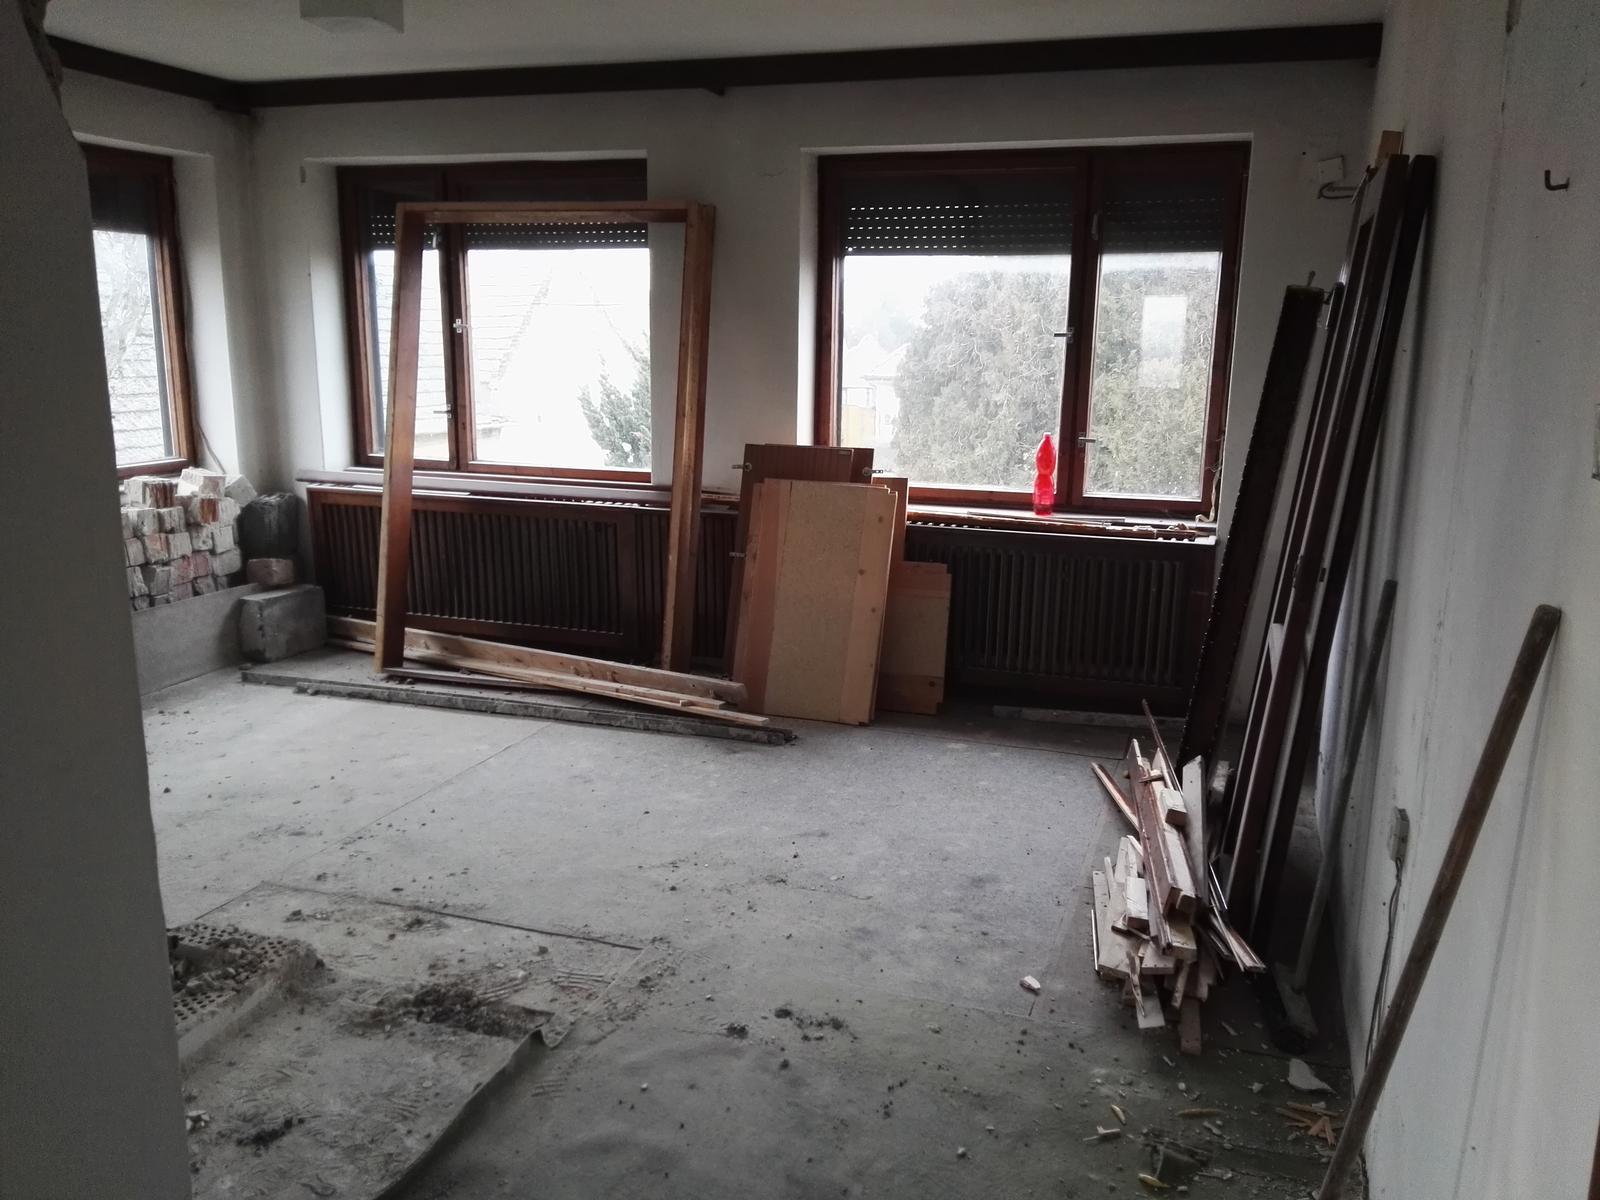 Rekonstrukcia RD - Kuchyňa s jedalňou (niekedy v budúcnosti)